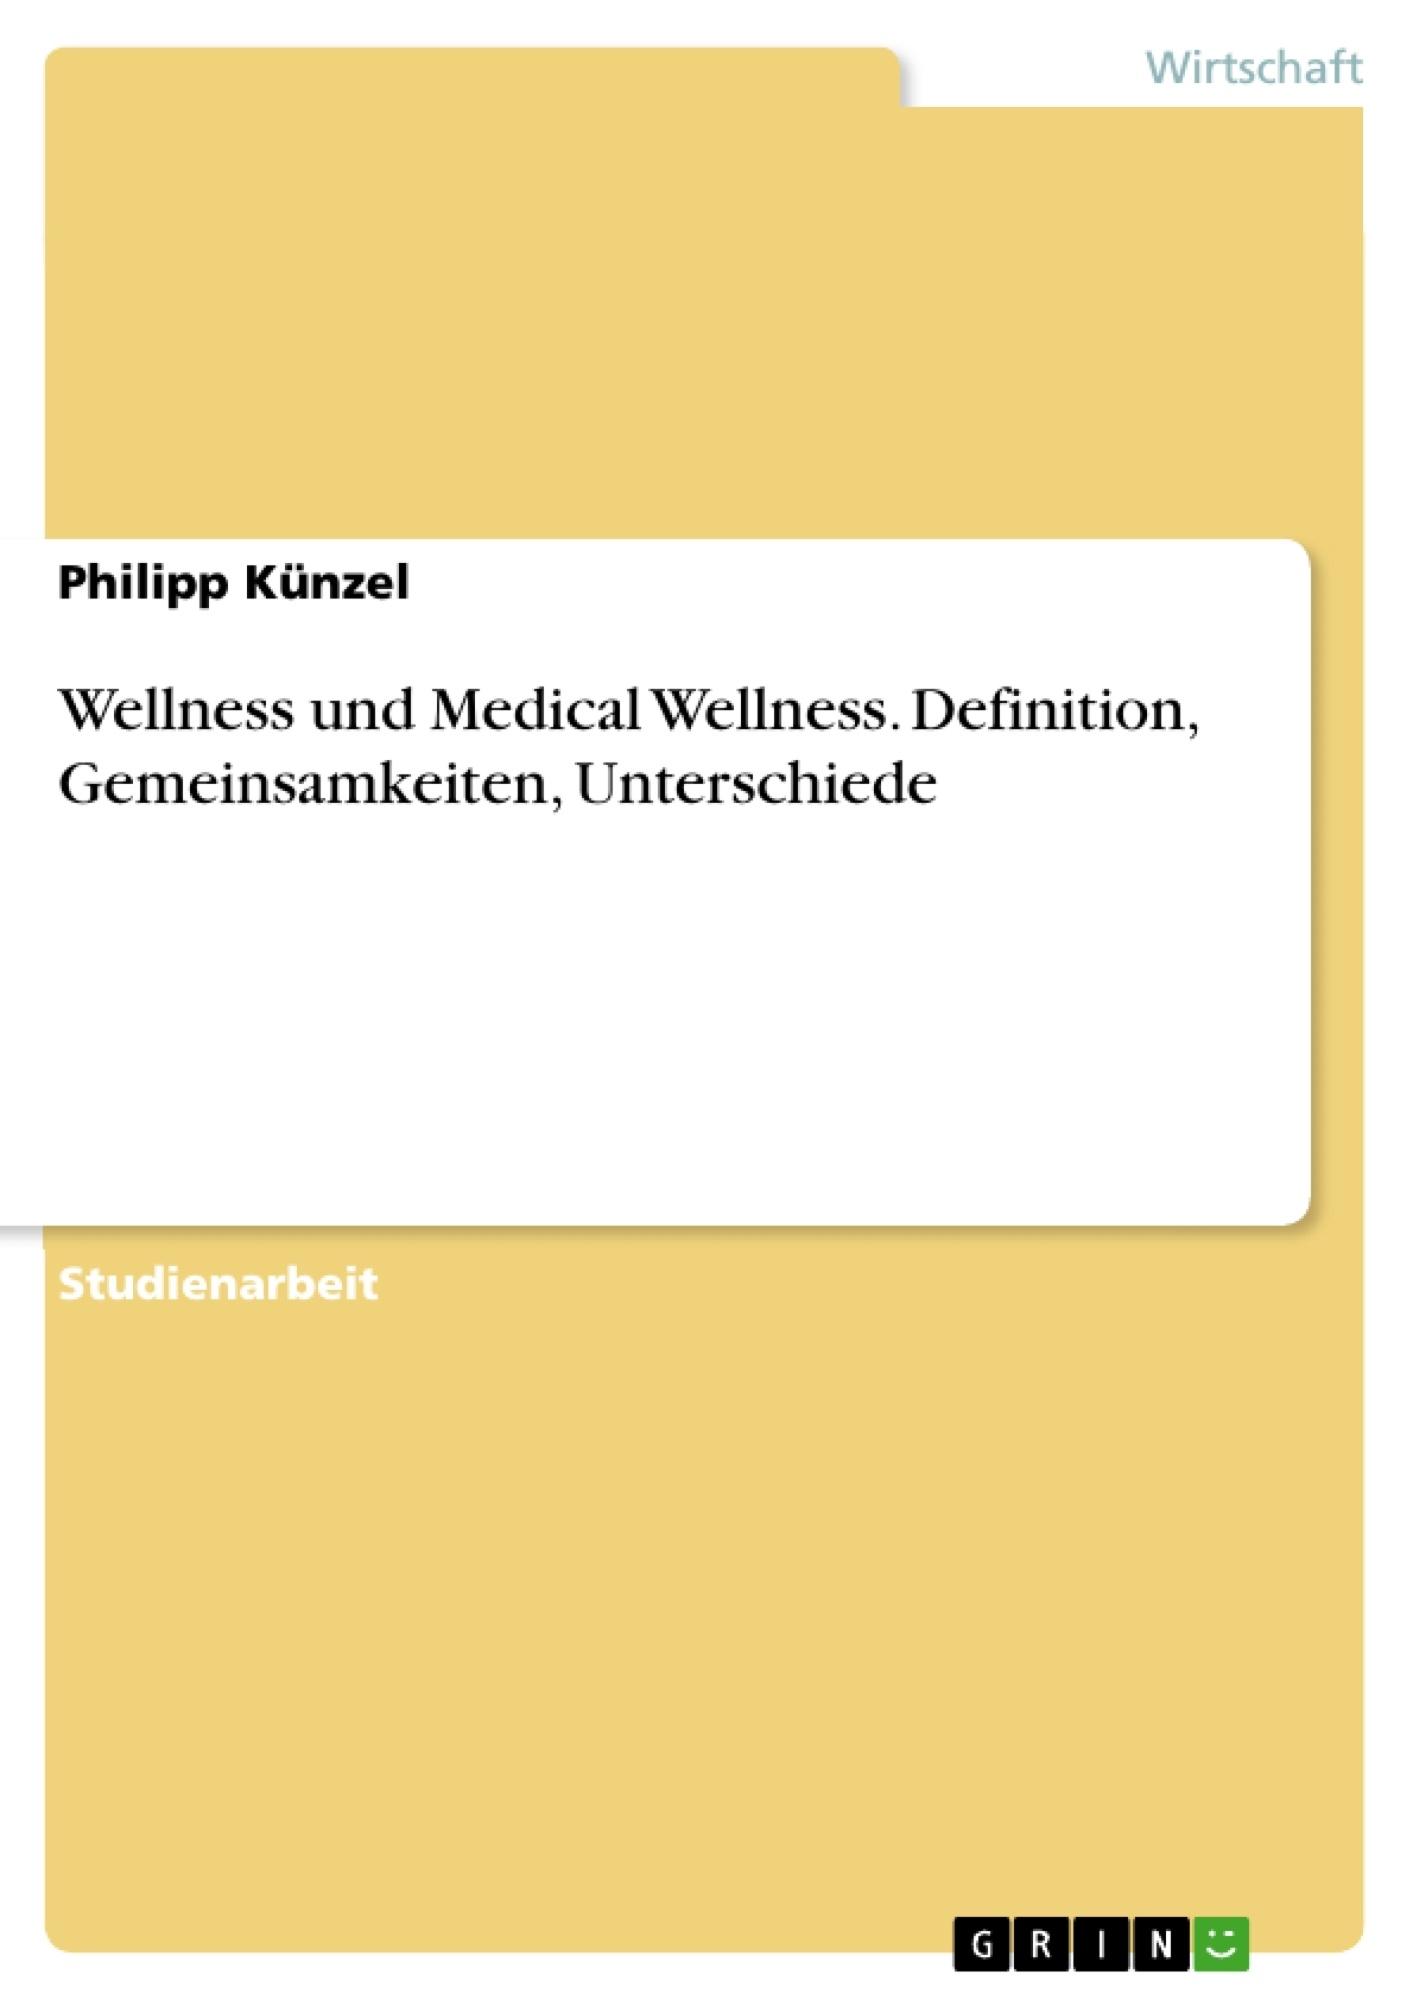 Titel: Wellness und Medical Wellness. Definition, Gemeinsamkeiten, Unterschiede